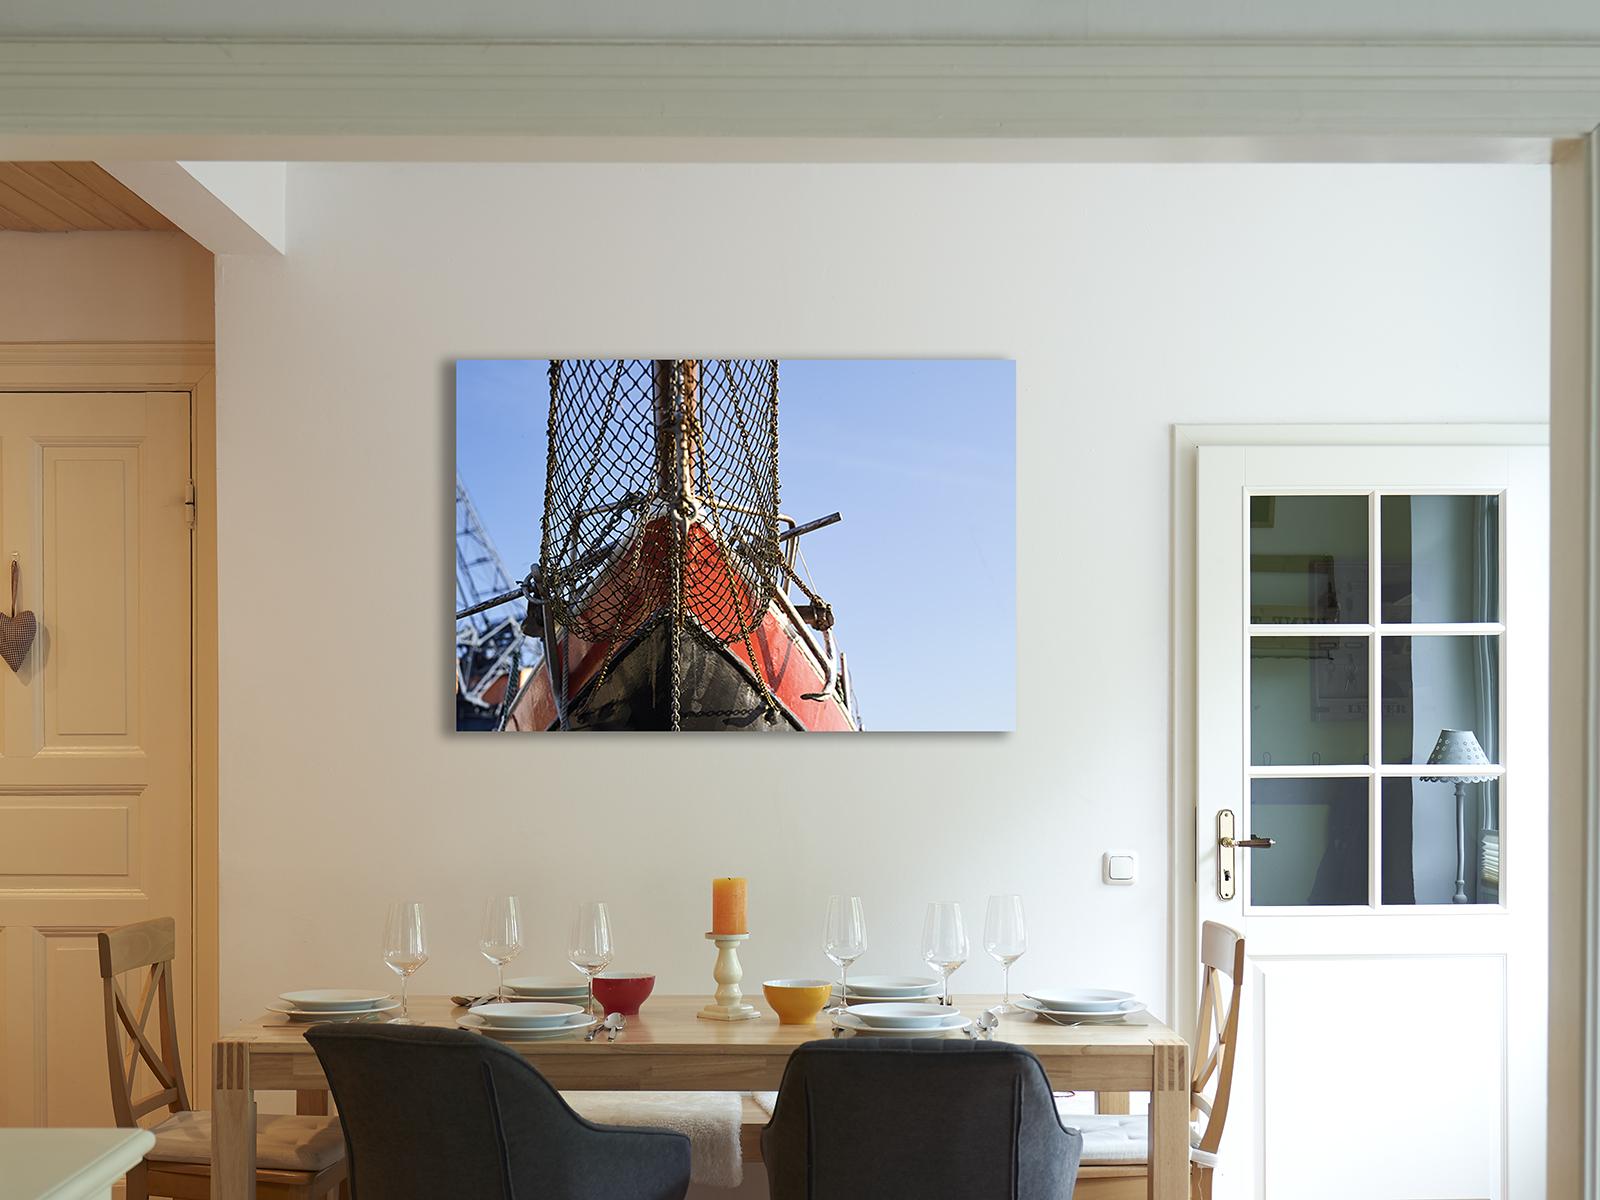 Bildbeispiele mit 80x120cm